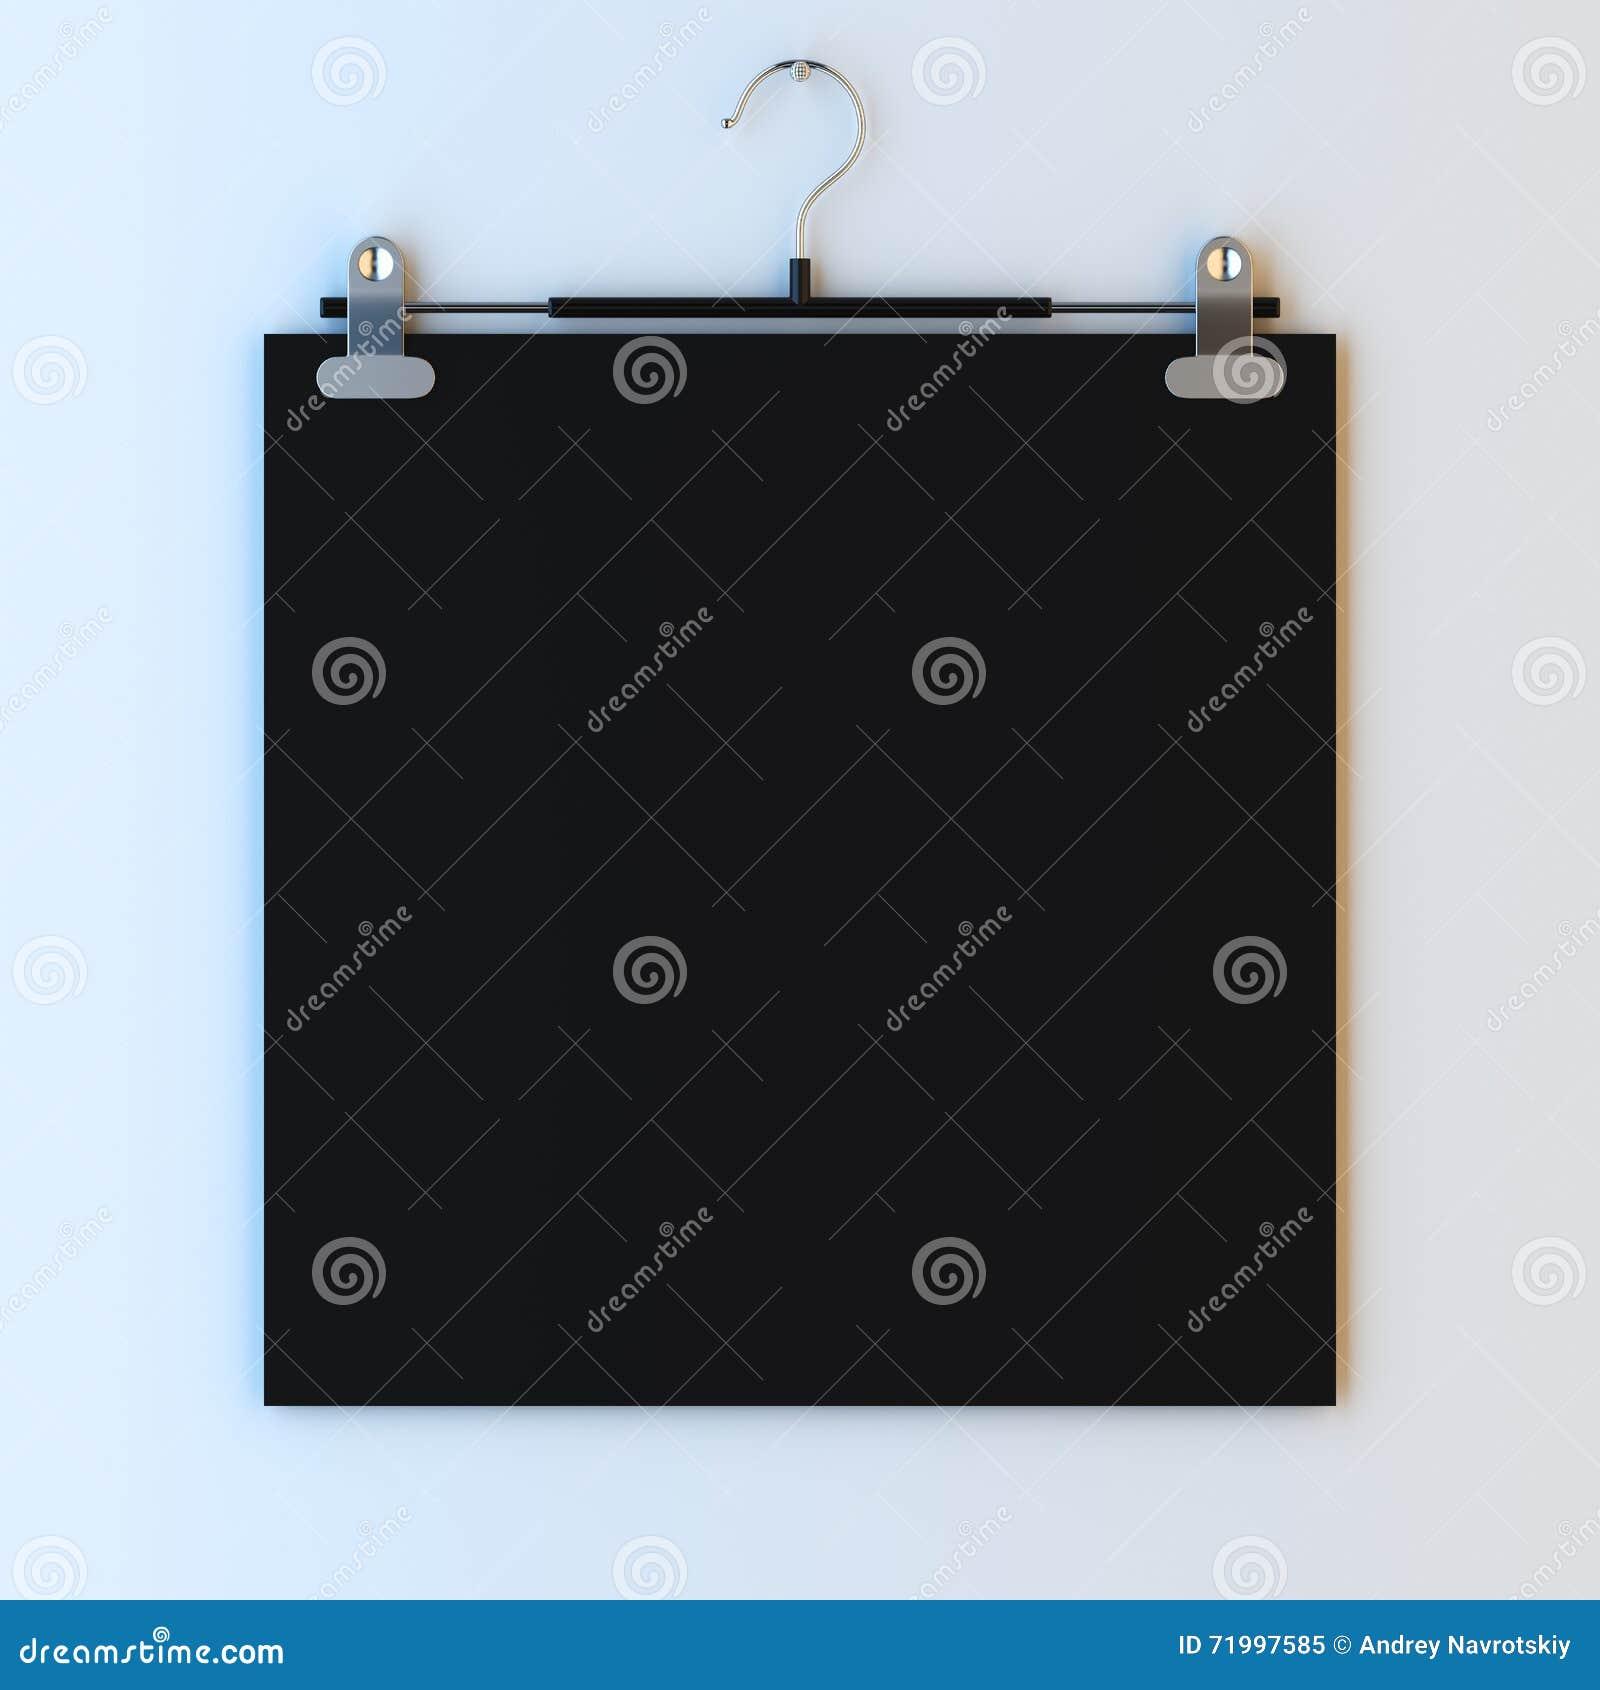 Papier Mit Rahmen Auf Aufhänger Stock Abbildung - Illustration von ...